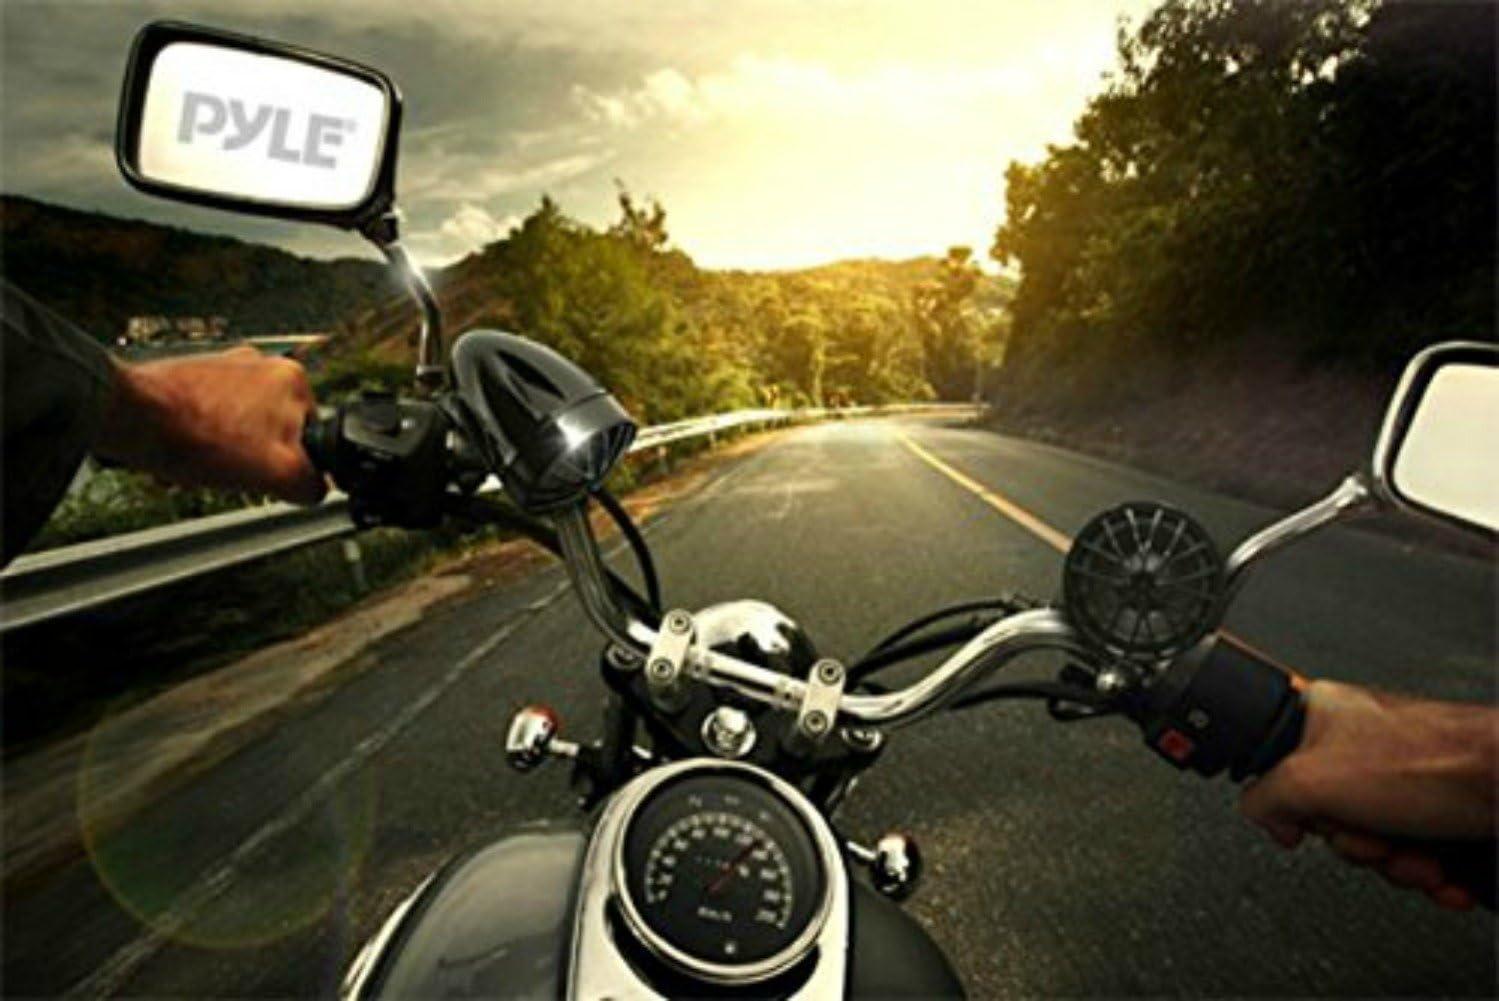 AMPLIFICATORE E CASSE PER MOTO PYLE PLMCA31BT CROMATE IMPERMEABILI E A PROVA DACQUA DA 400 WATT MAX CON TECNOLOGIA BLUETOOTH CUSTOM